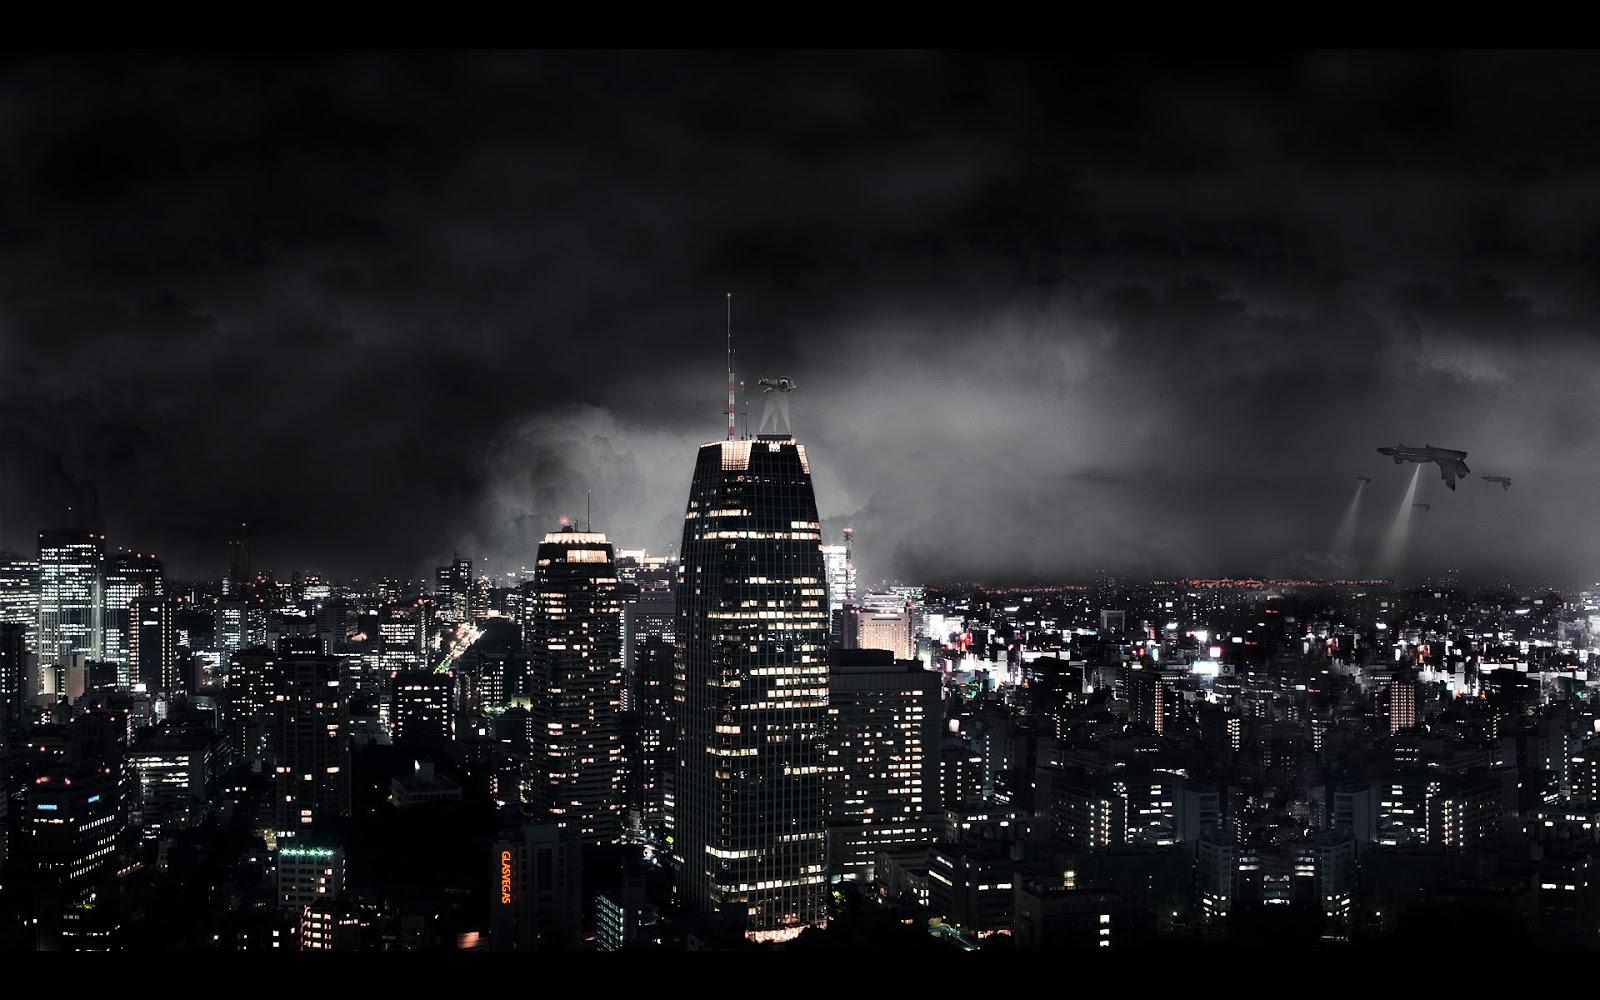 Wallpapernarium La Vista Nocturna De Una Ciudad Del Futuro